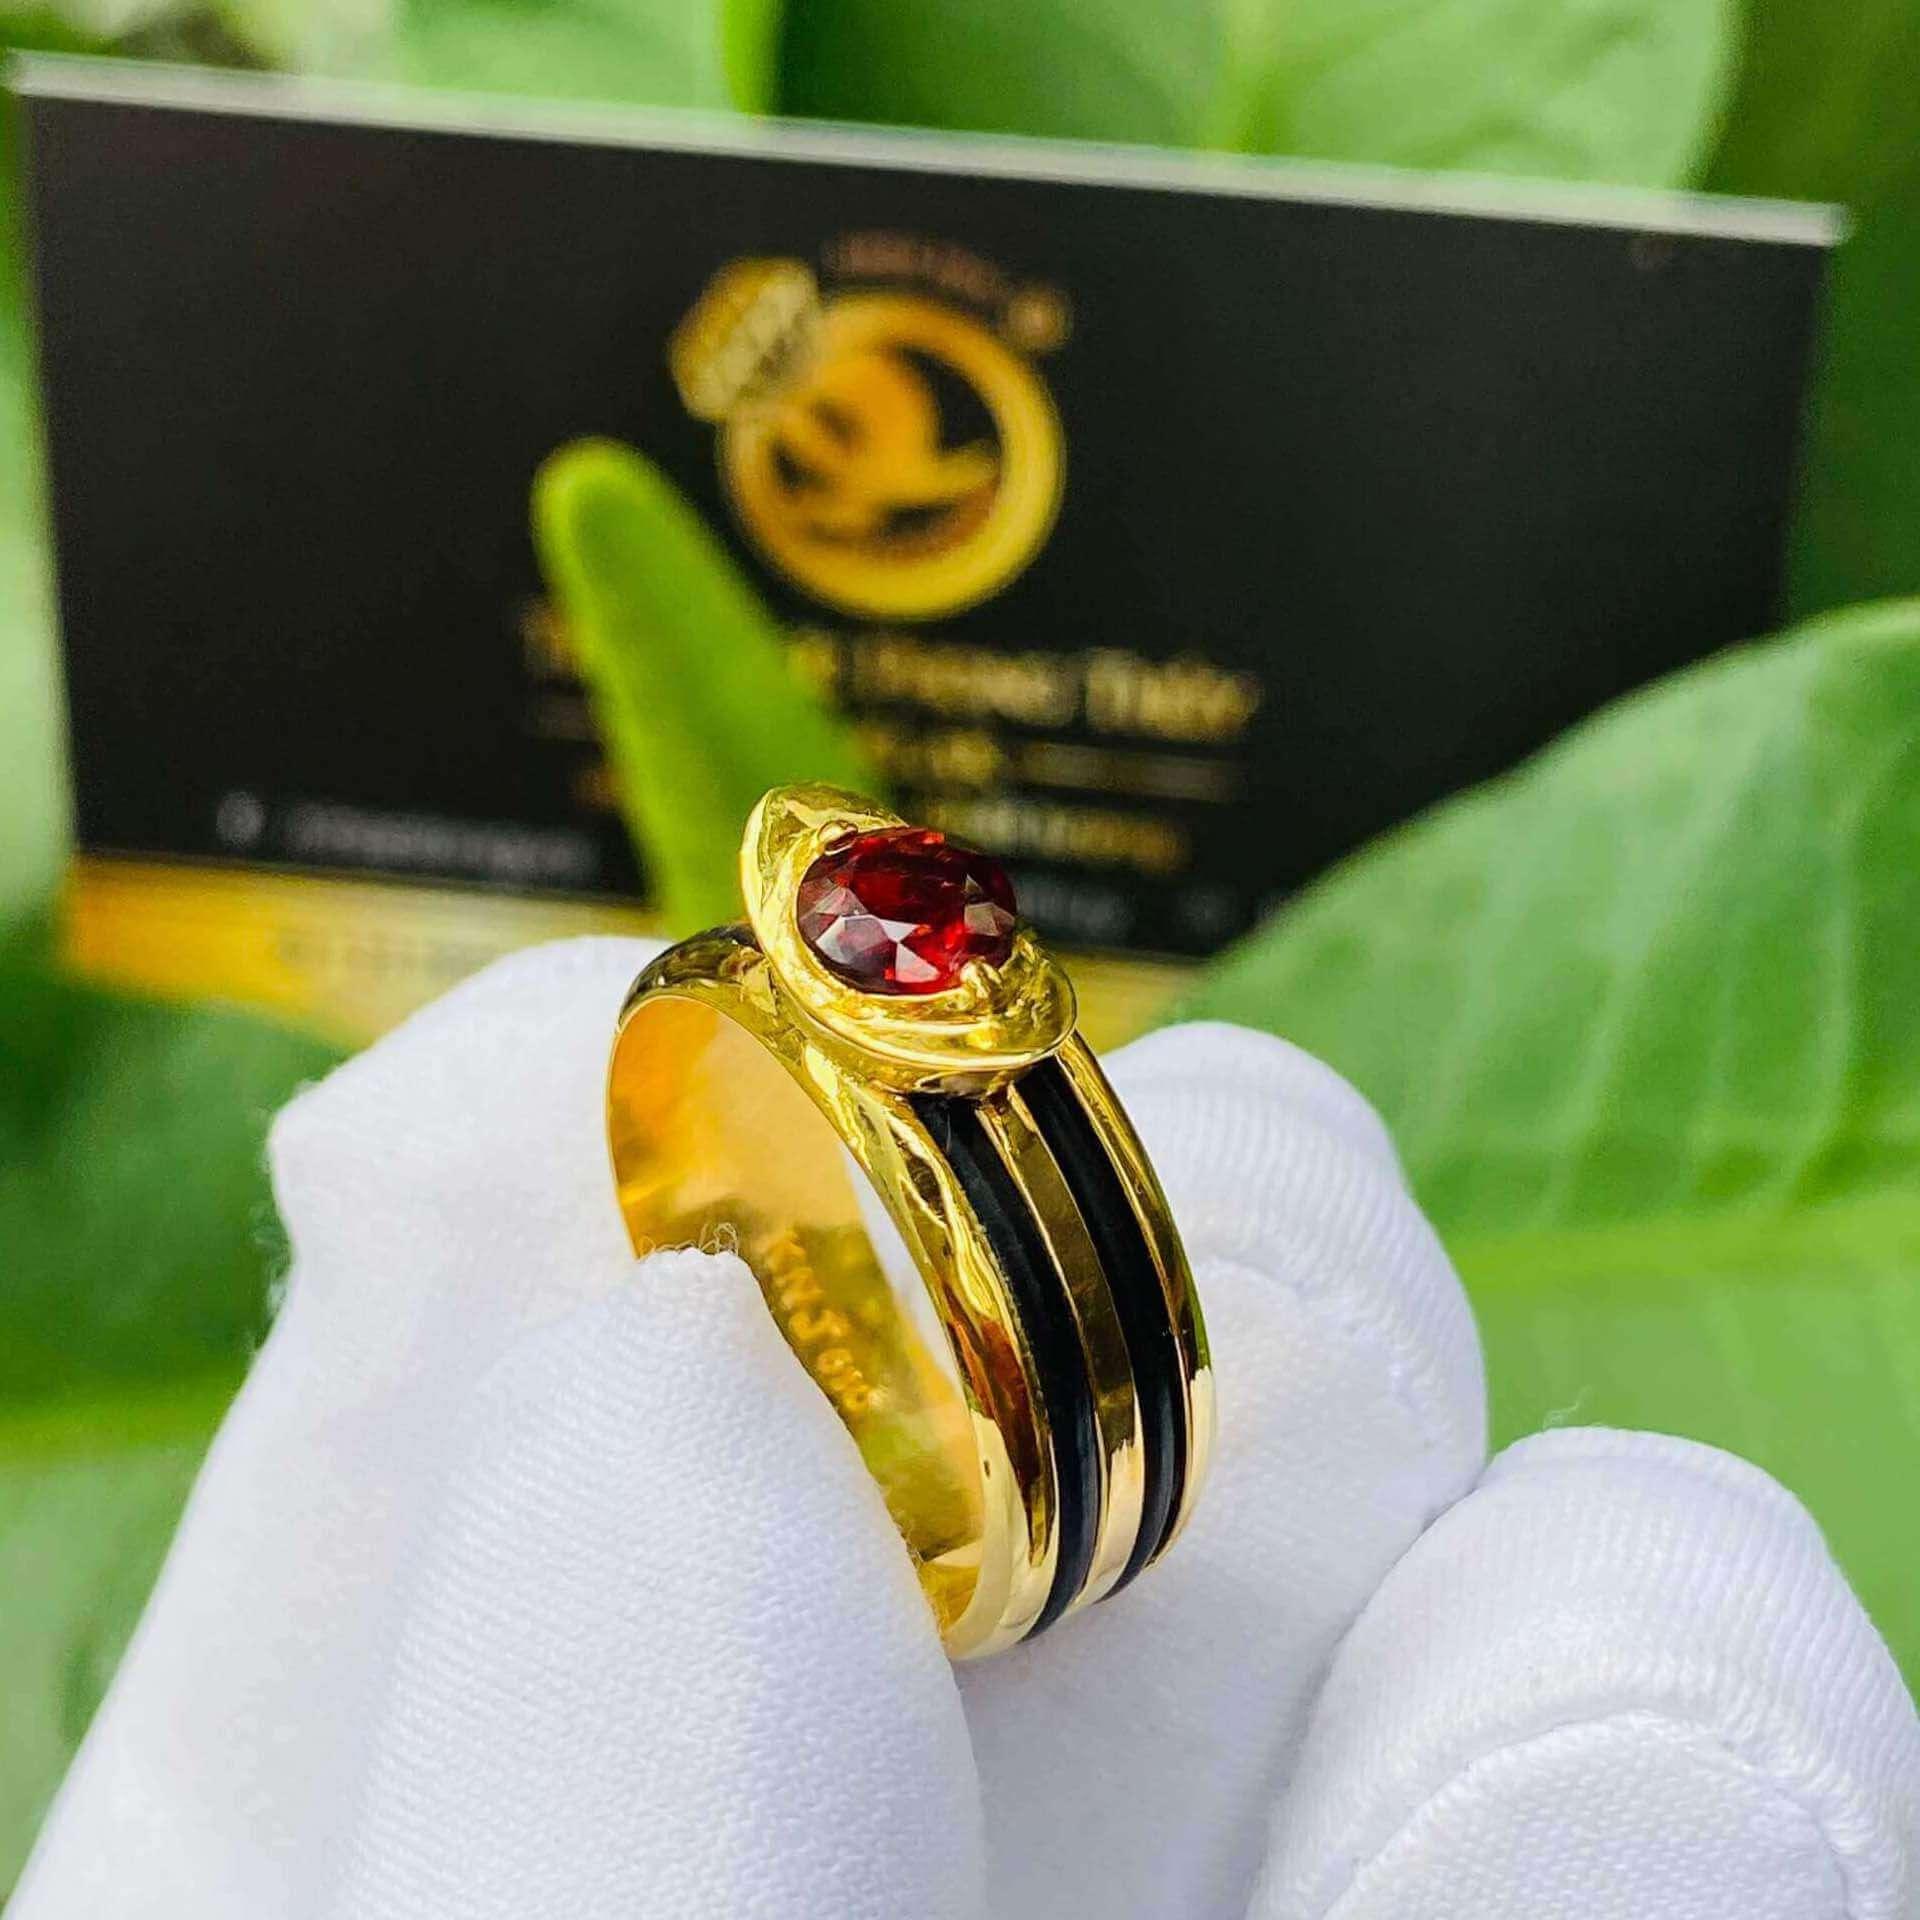 Nhẫn thỏi vàng mặt đá Garnet luồng 2 sợi lông voi thiết kế lạ mắt